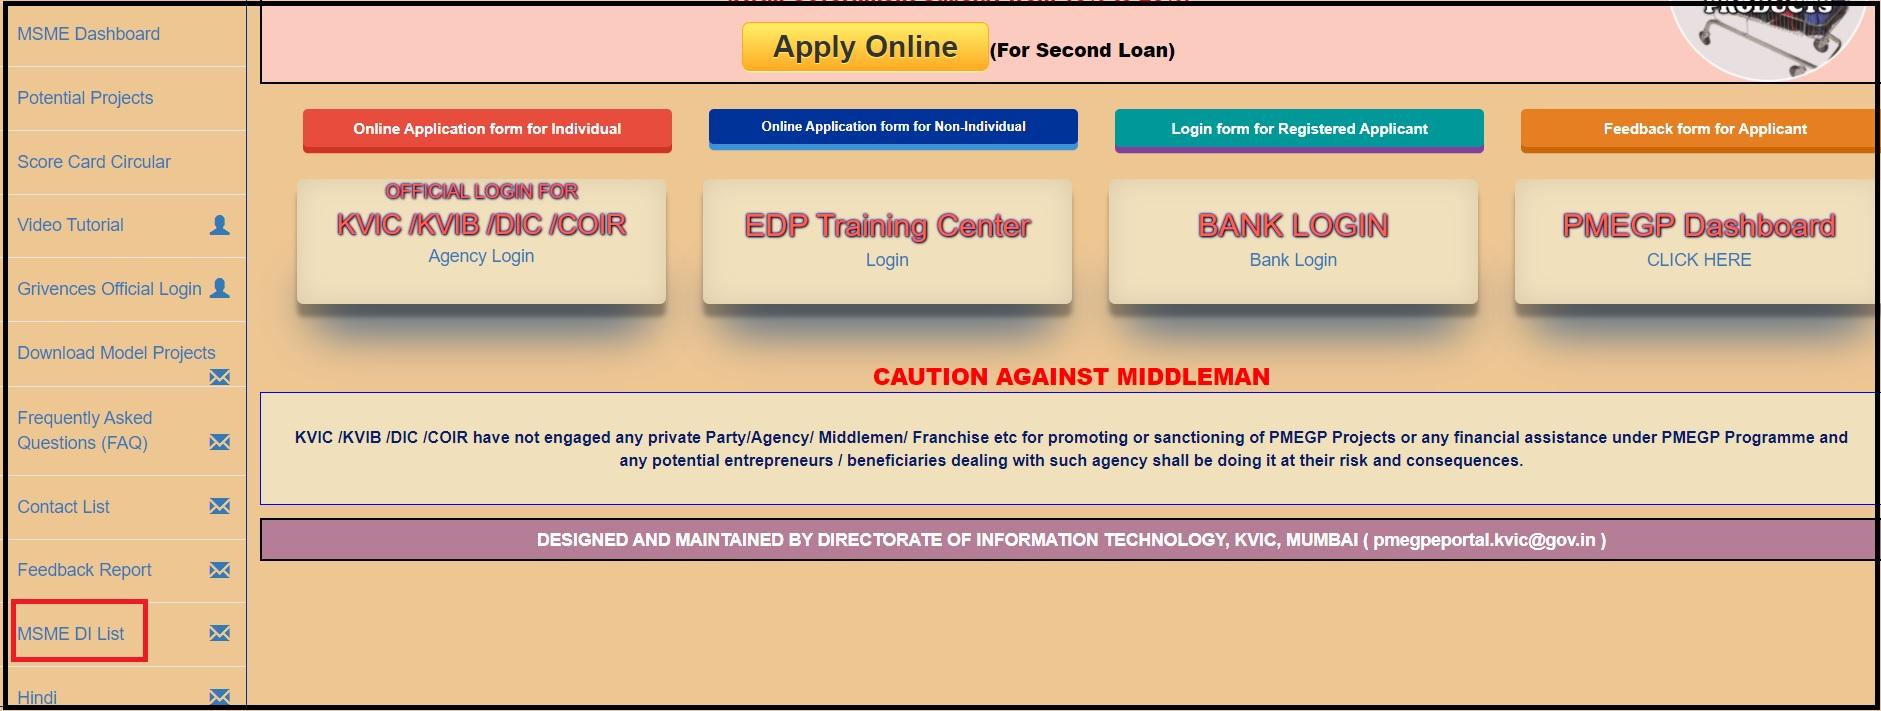 ऑनलाइन एप्लीकेशन फॉर्म पीएमईजीपी योजना